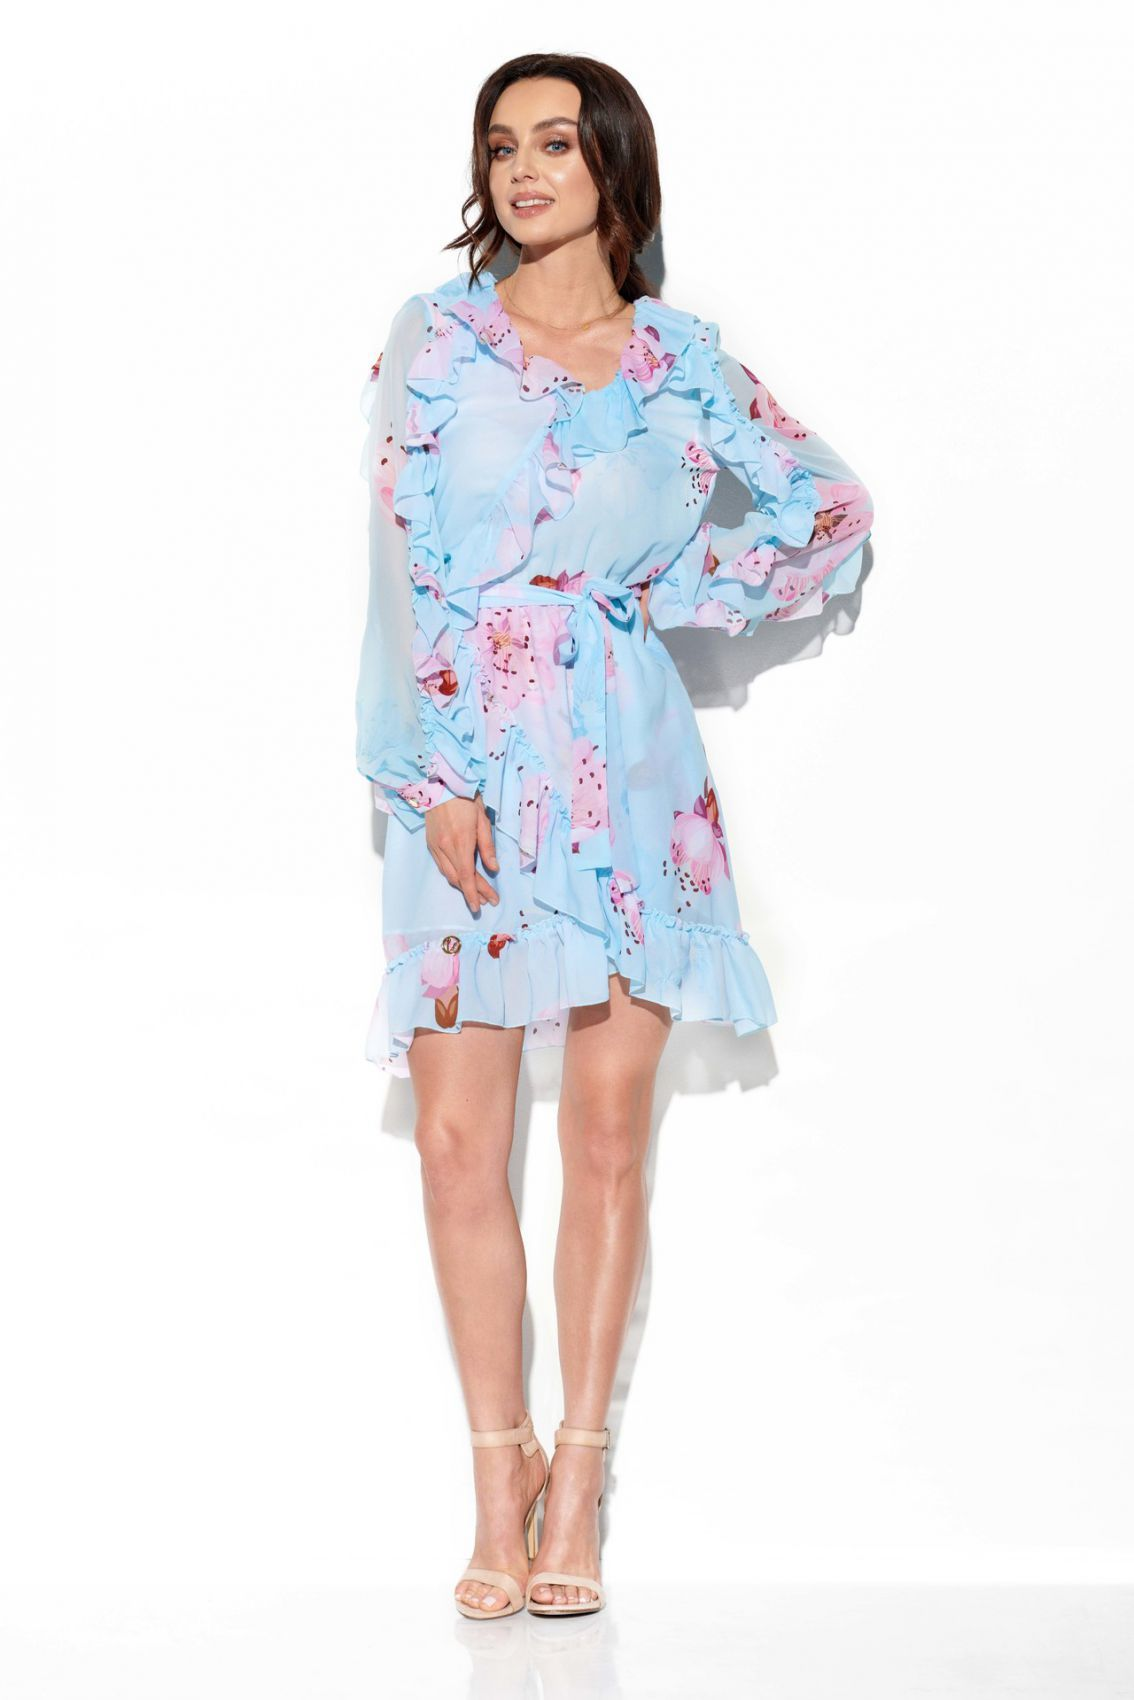 Szyfonowa sukienka z jedwabiem i falbankami wzór LG517 druk 18